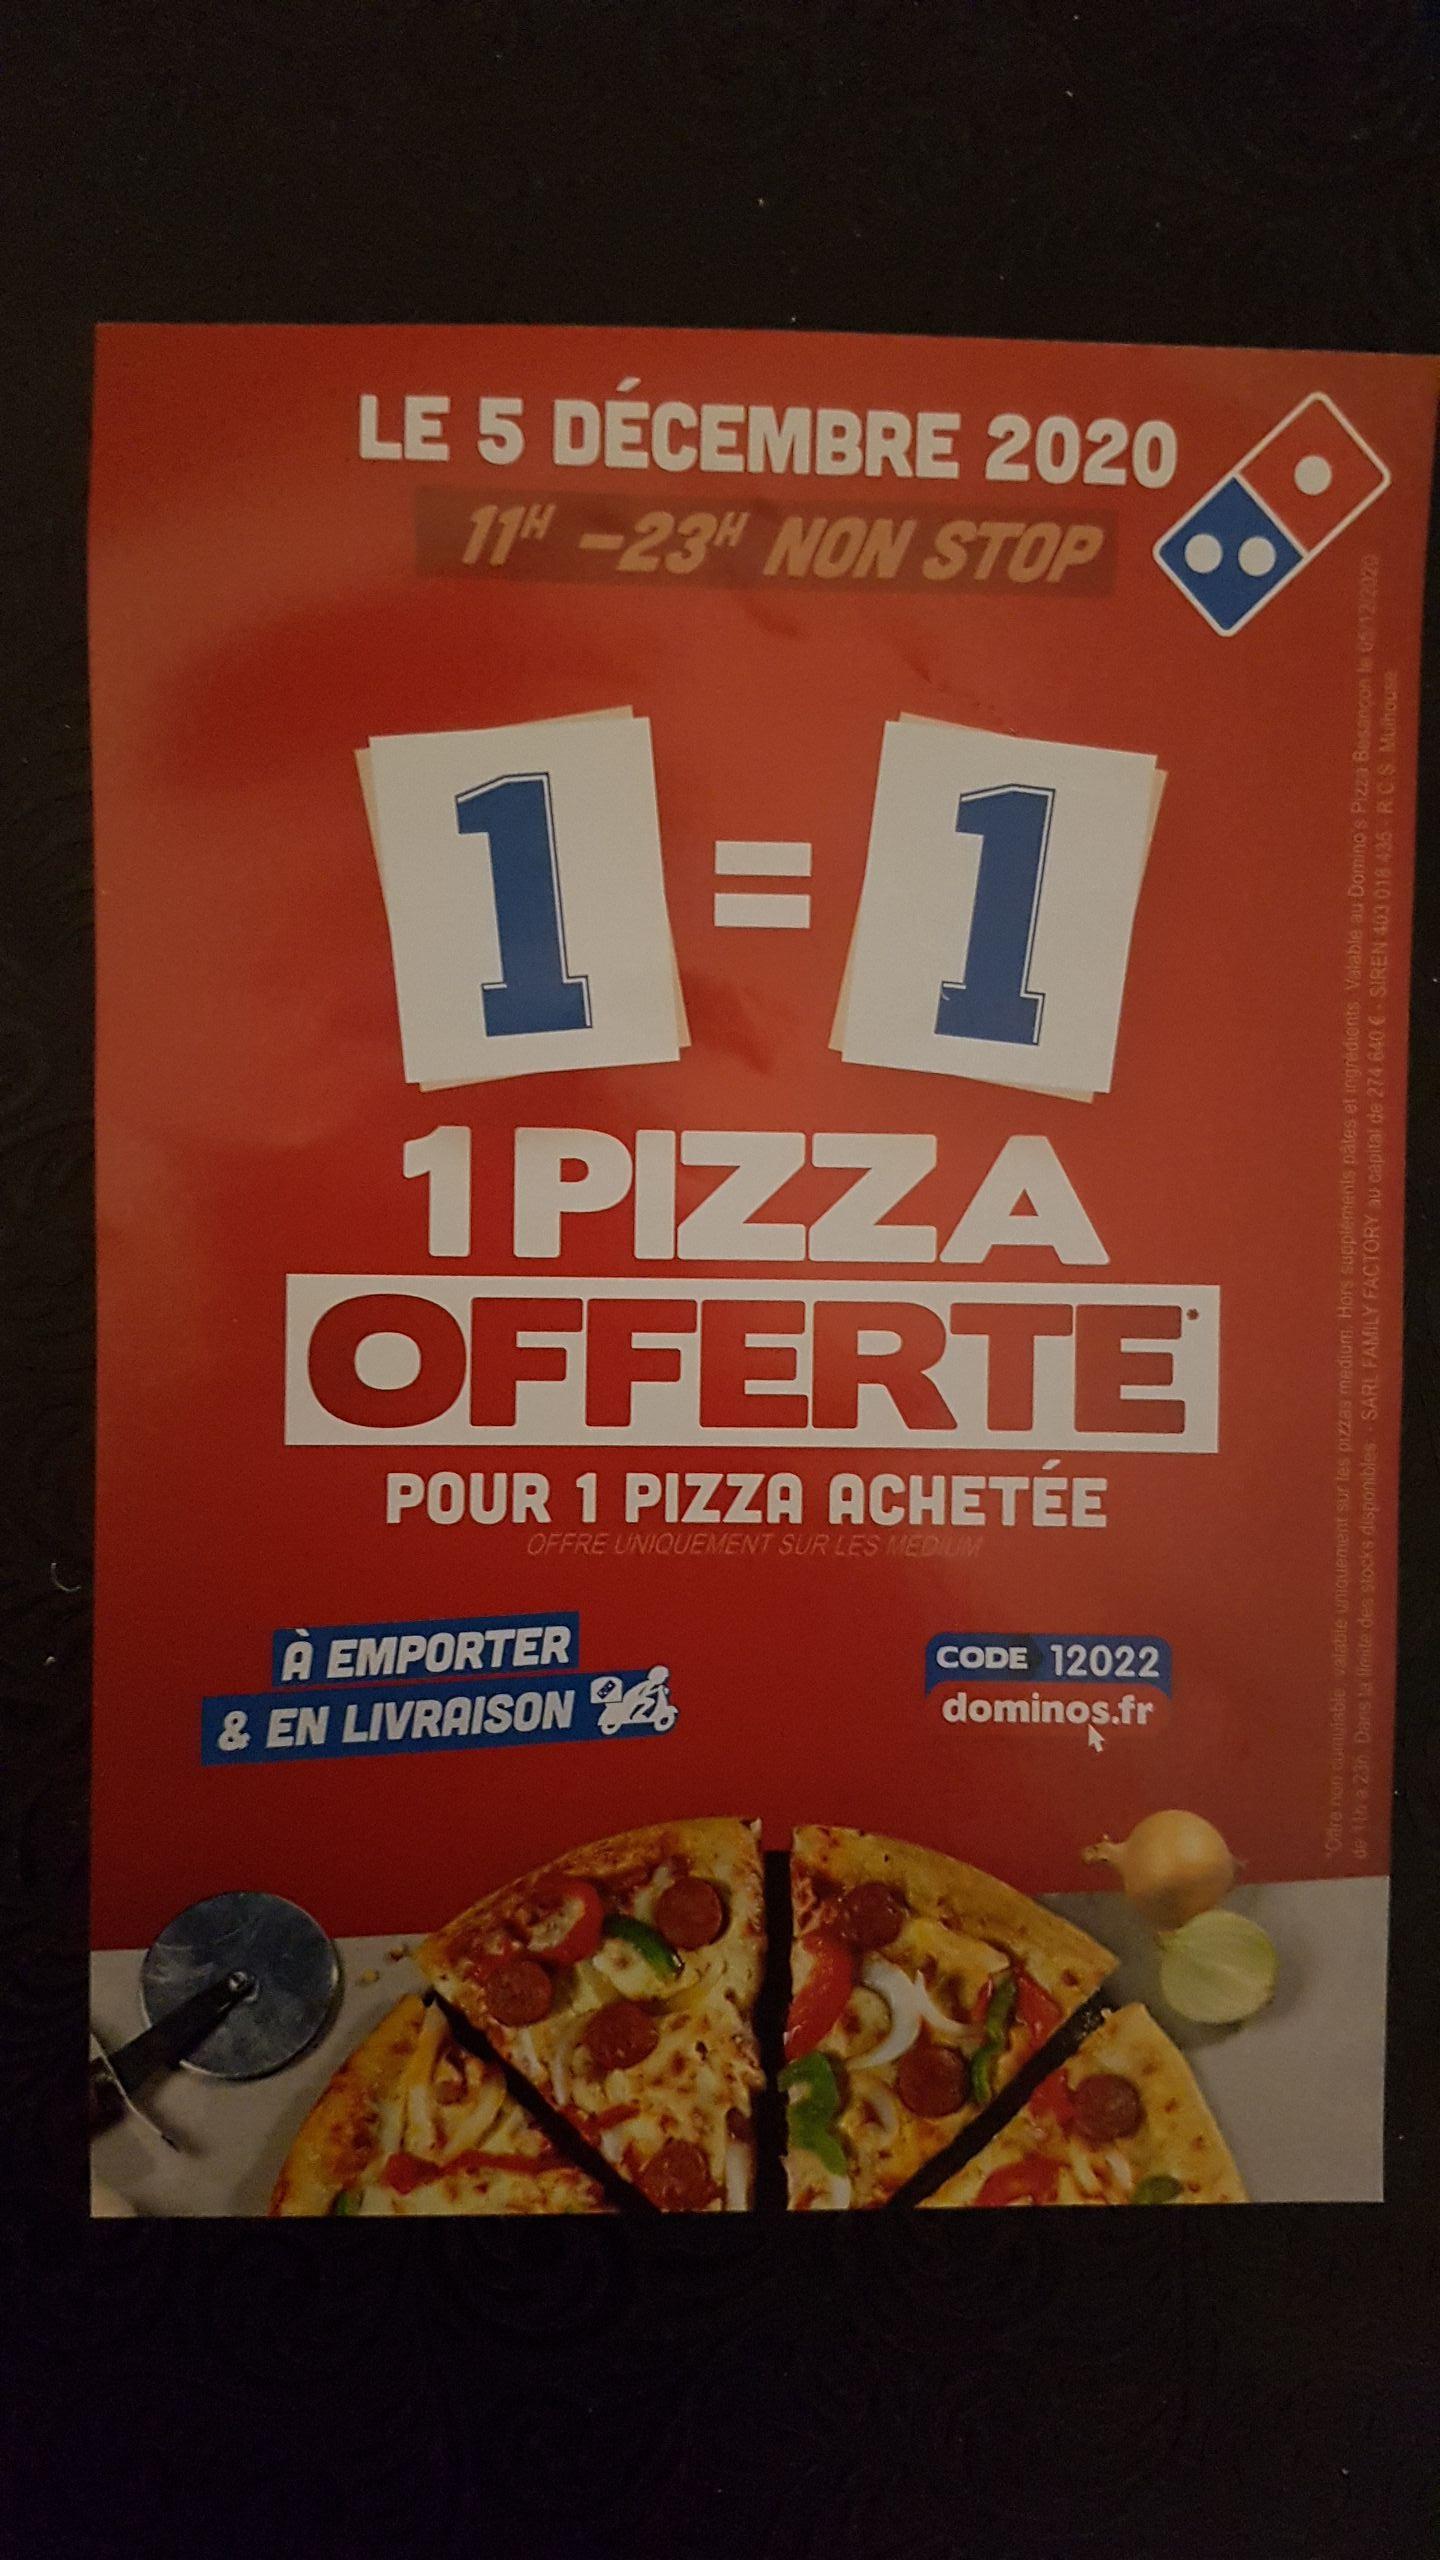 1 pizza achetée = 1 pizza offerte - Besançon (25)